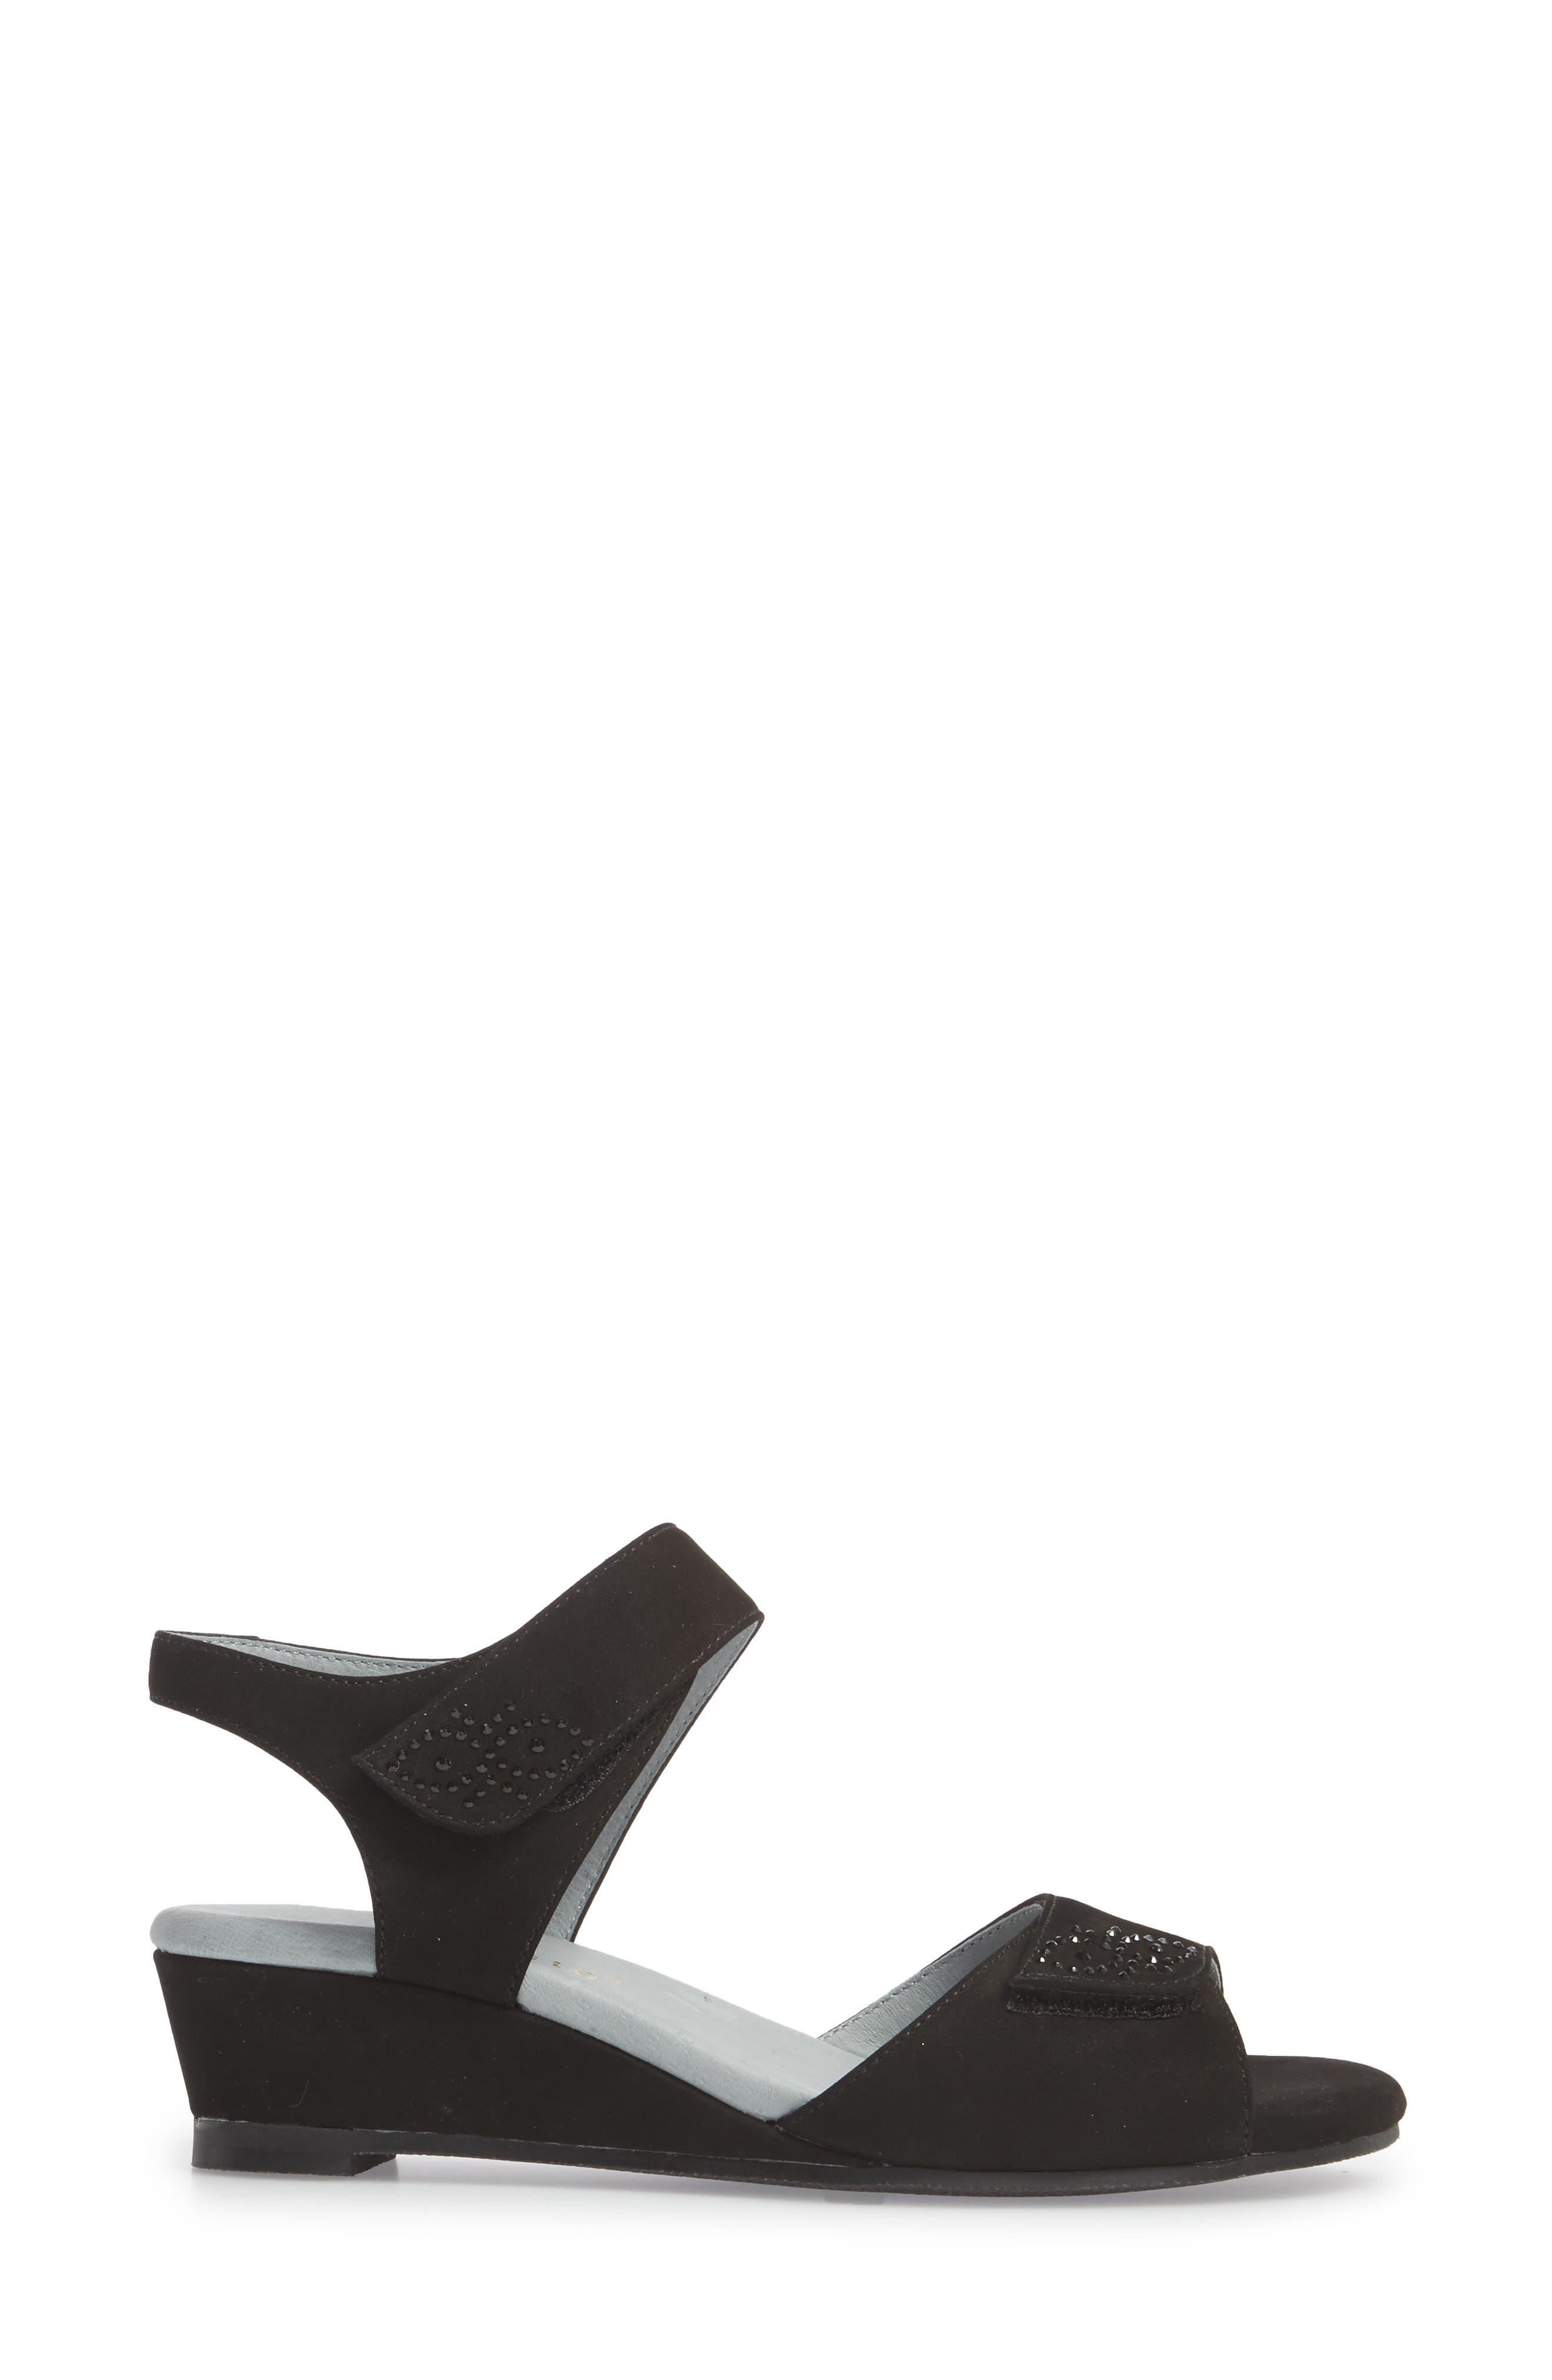 Queen Embellished Wedge Sandal,                             Alternate thumbnail 3, color,                             BLACK NUBUCK